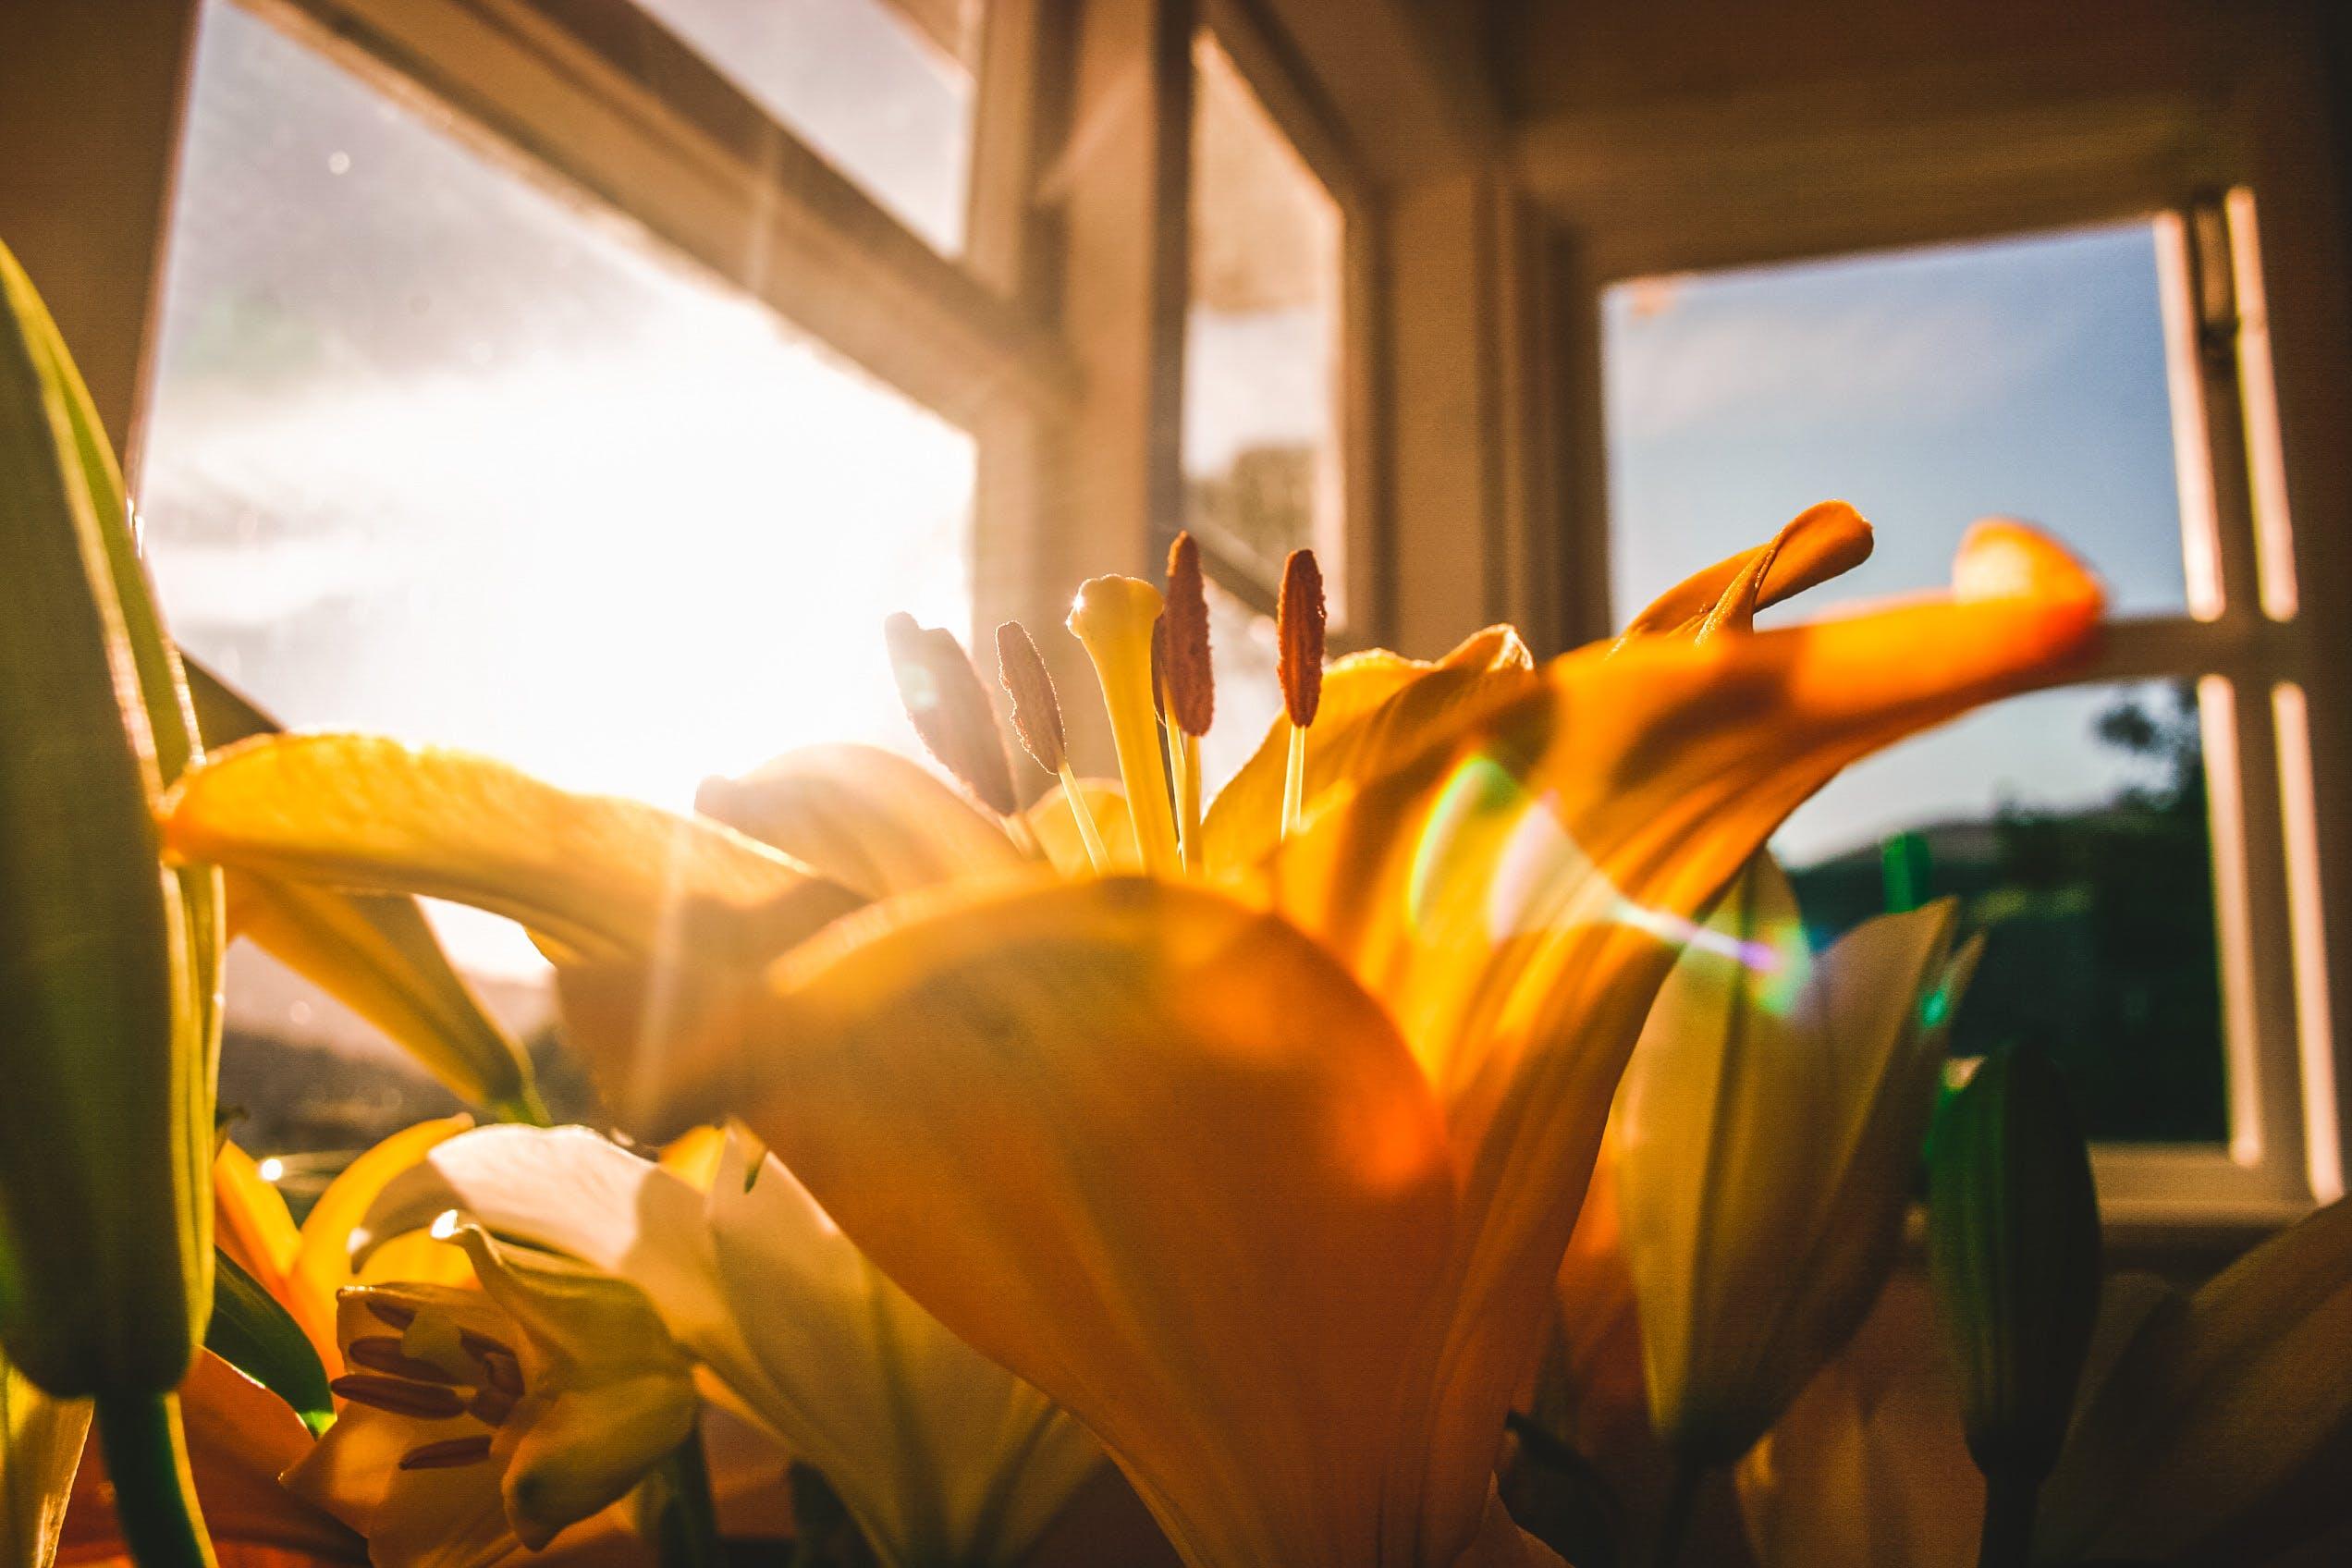 Gratis stockfoto met binnenshuis, bloeiend, bloem, bloemblaadjes